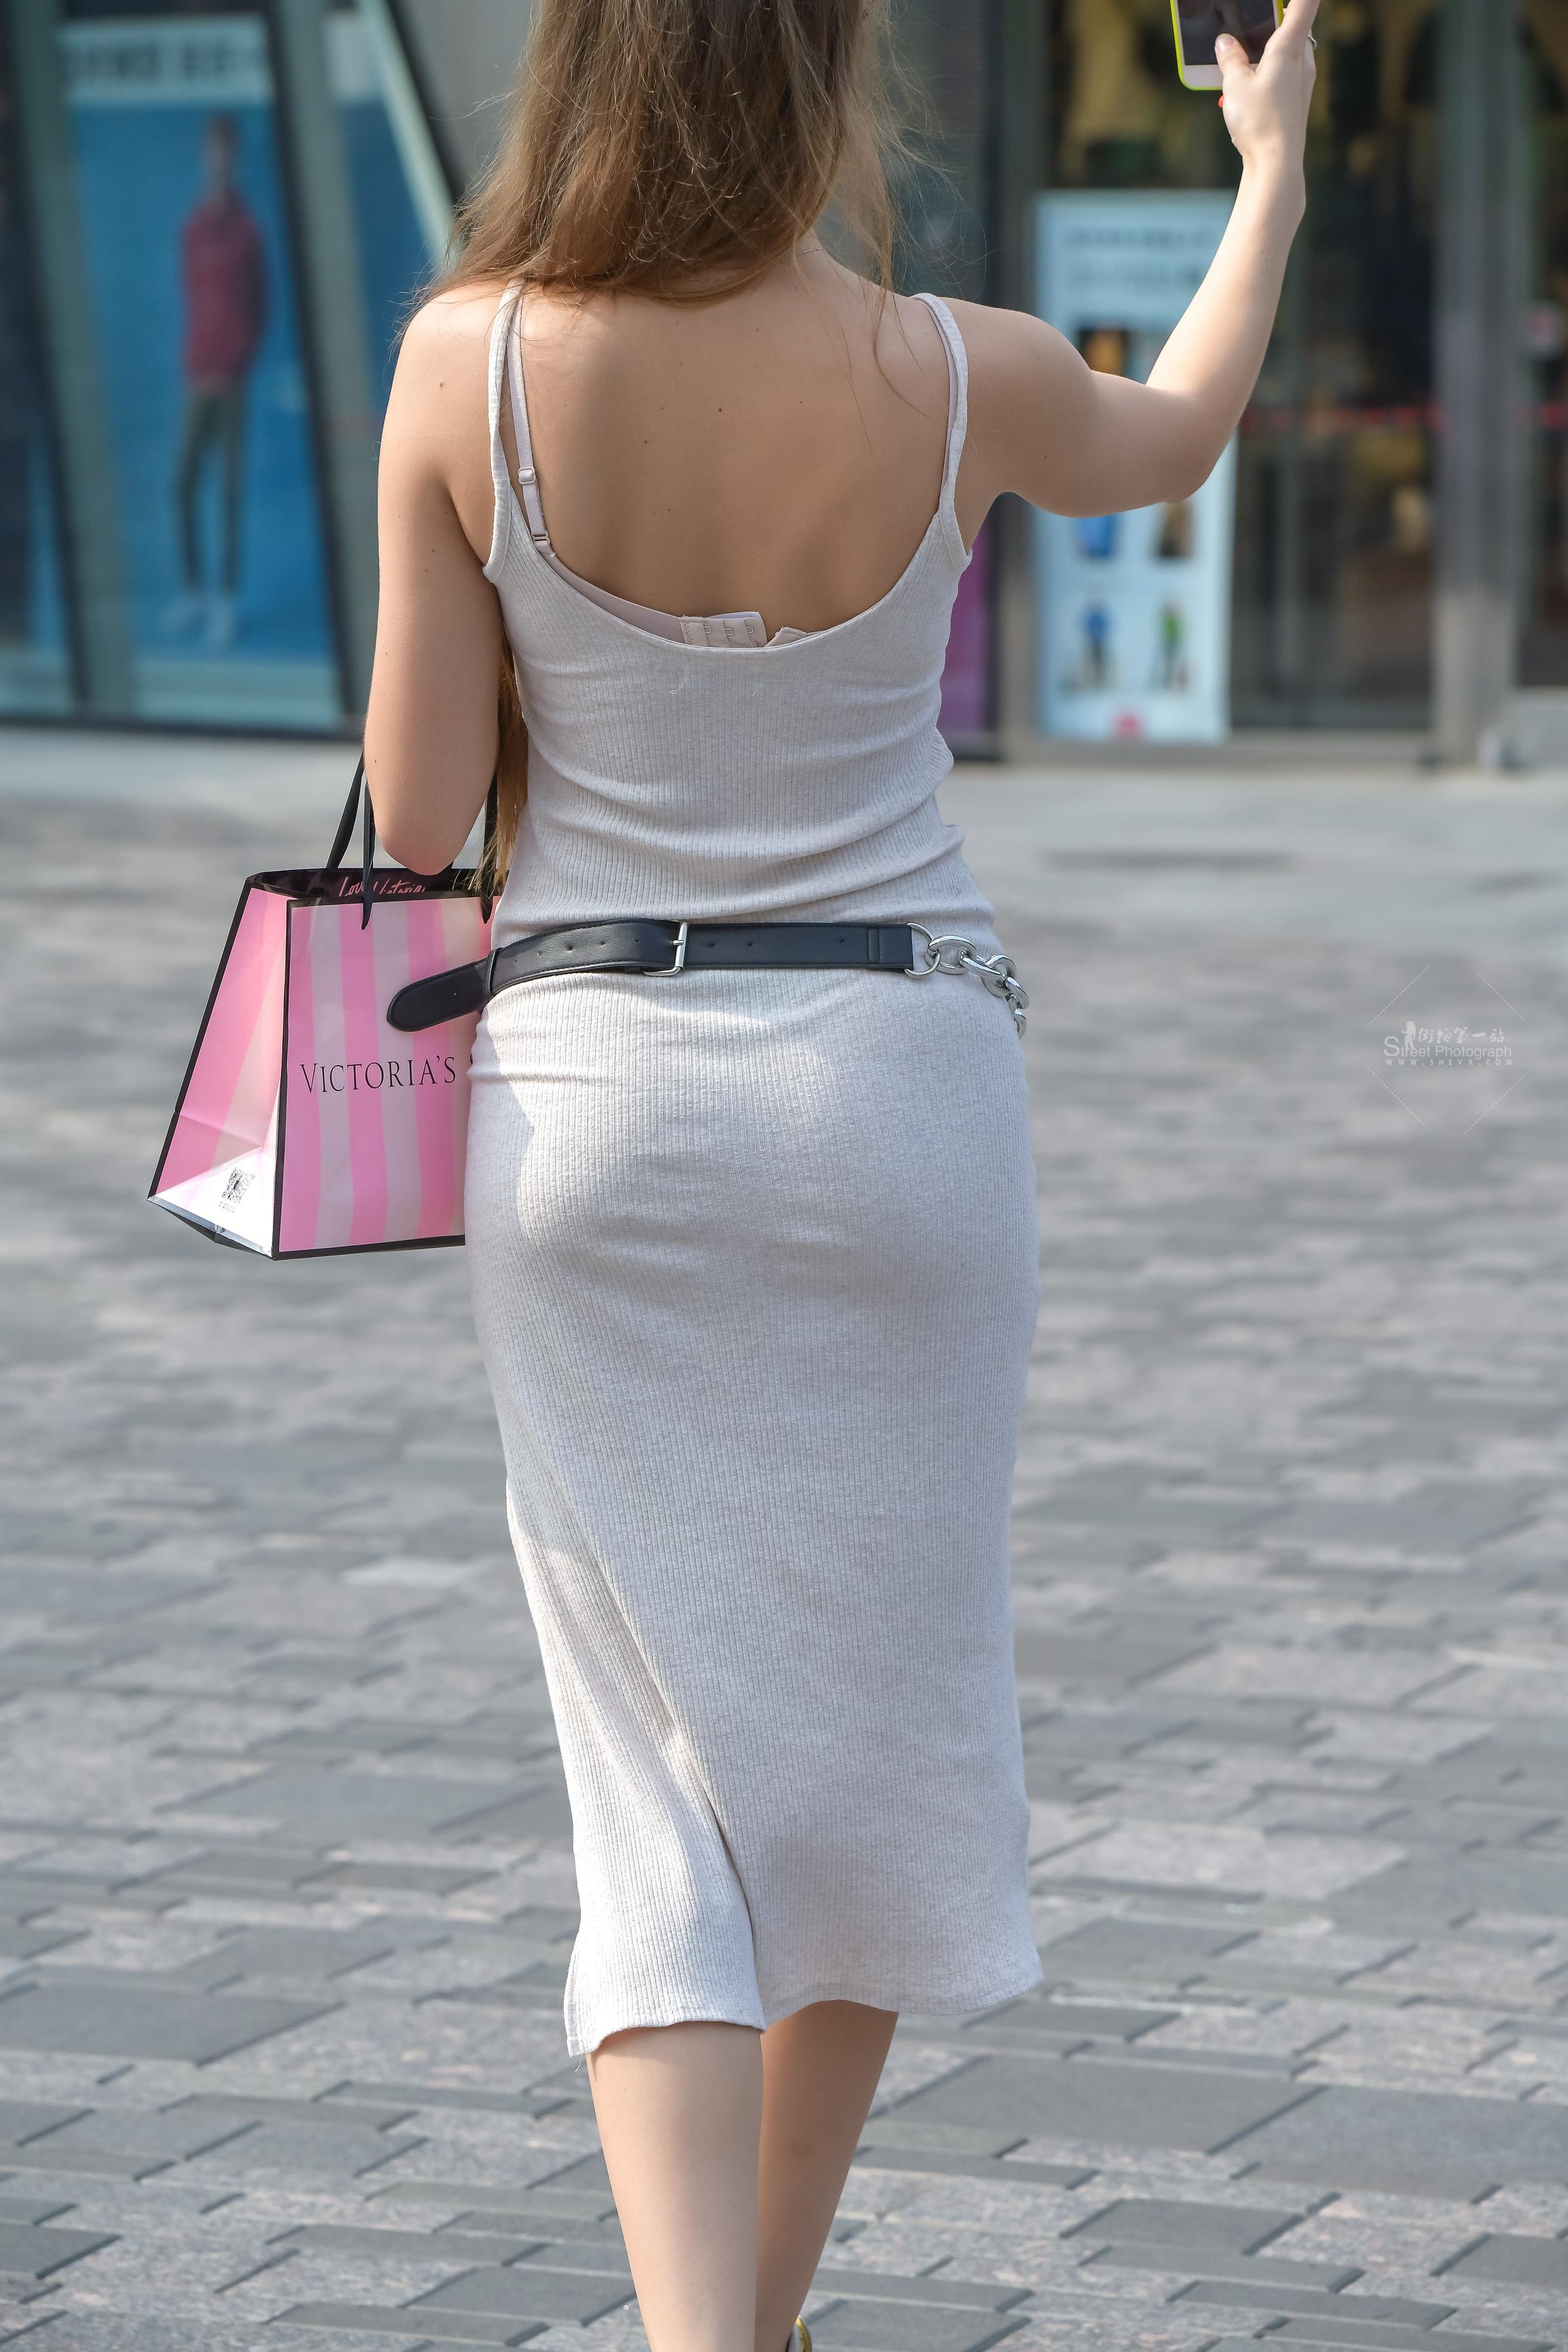 街拍包臀裙,街拍美女,街拍包臀 小的不能再小的丁字和针织 包臀裙,美女真会穿 最新街拍丝袜图片 街拍丝袜第一站